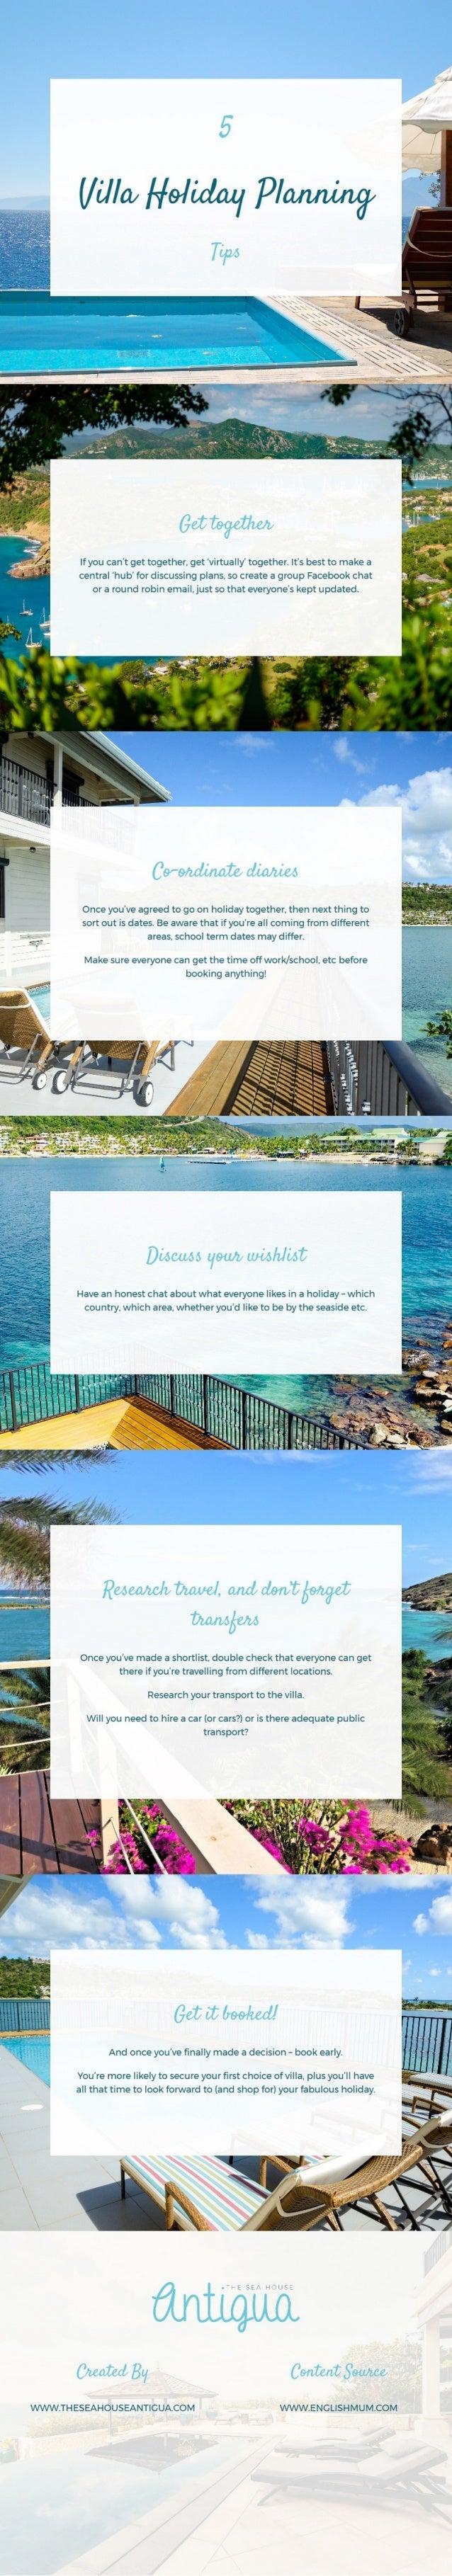 5 villa holiday planning tips